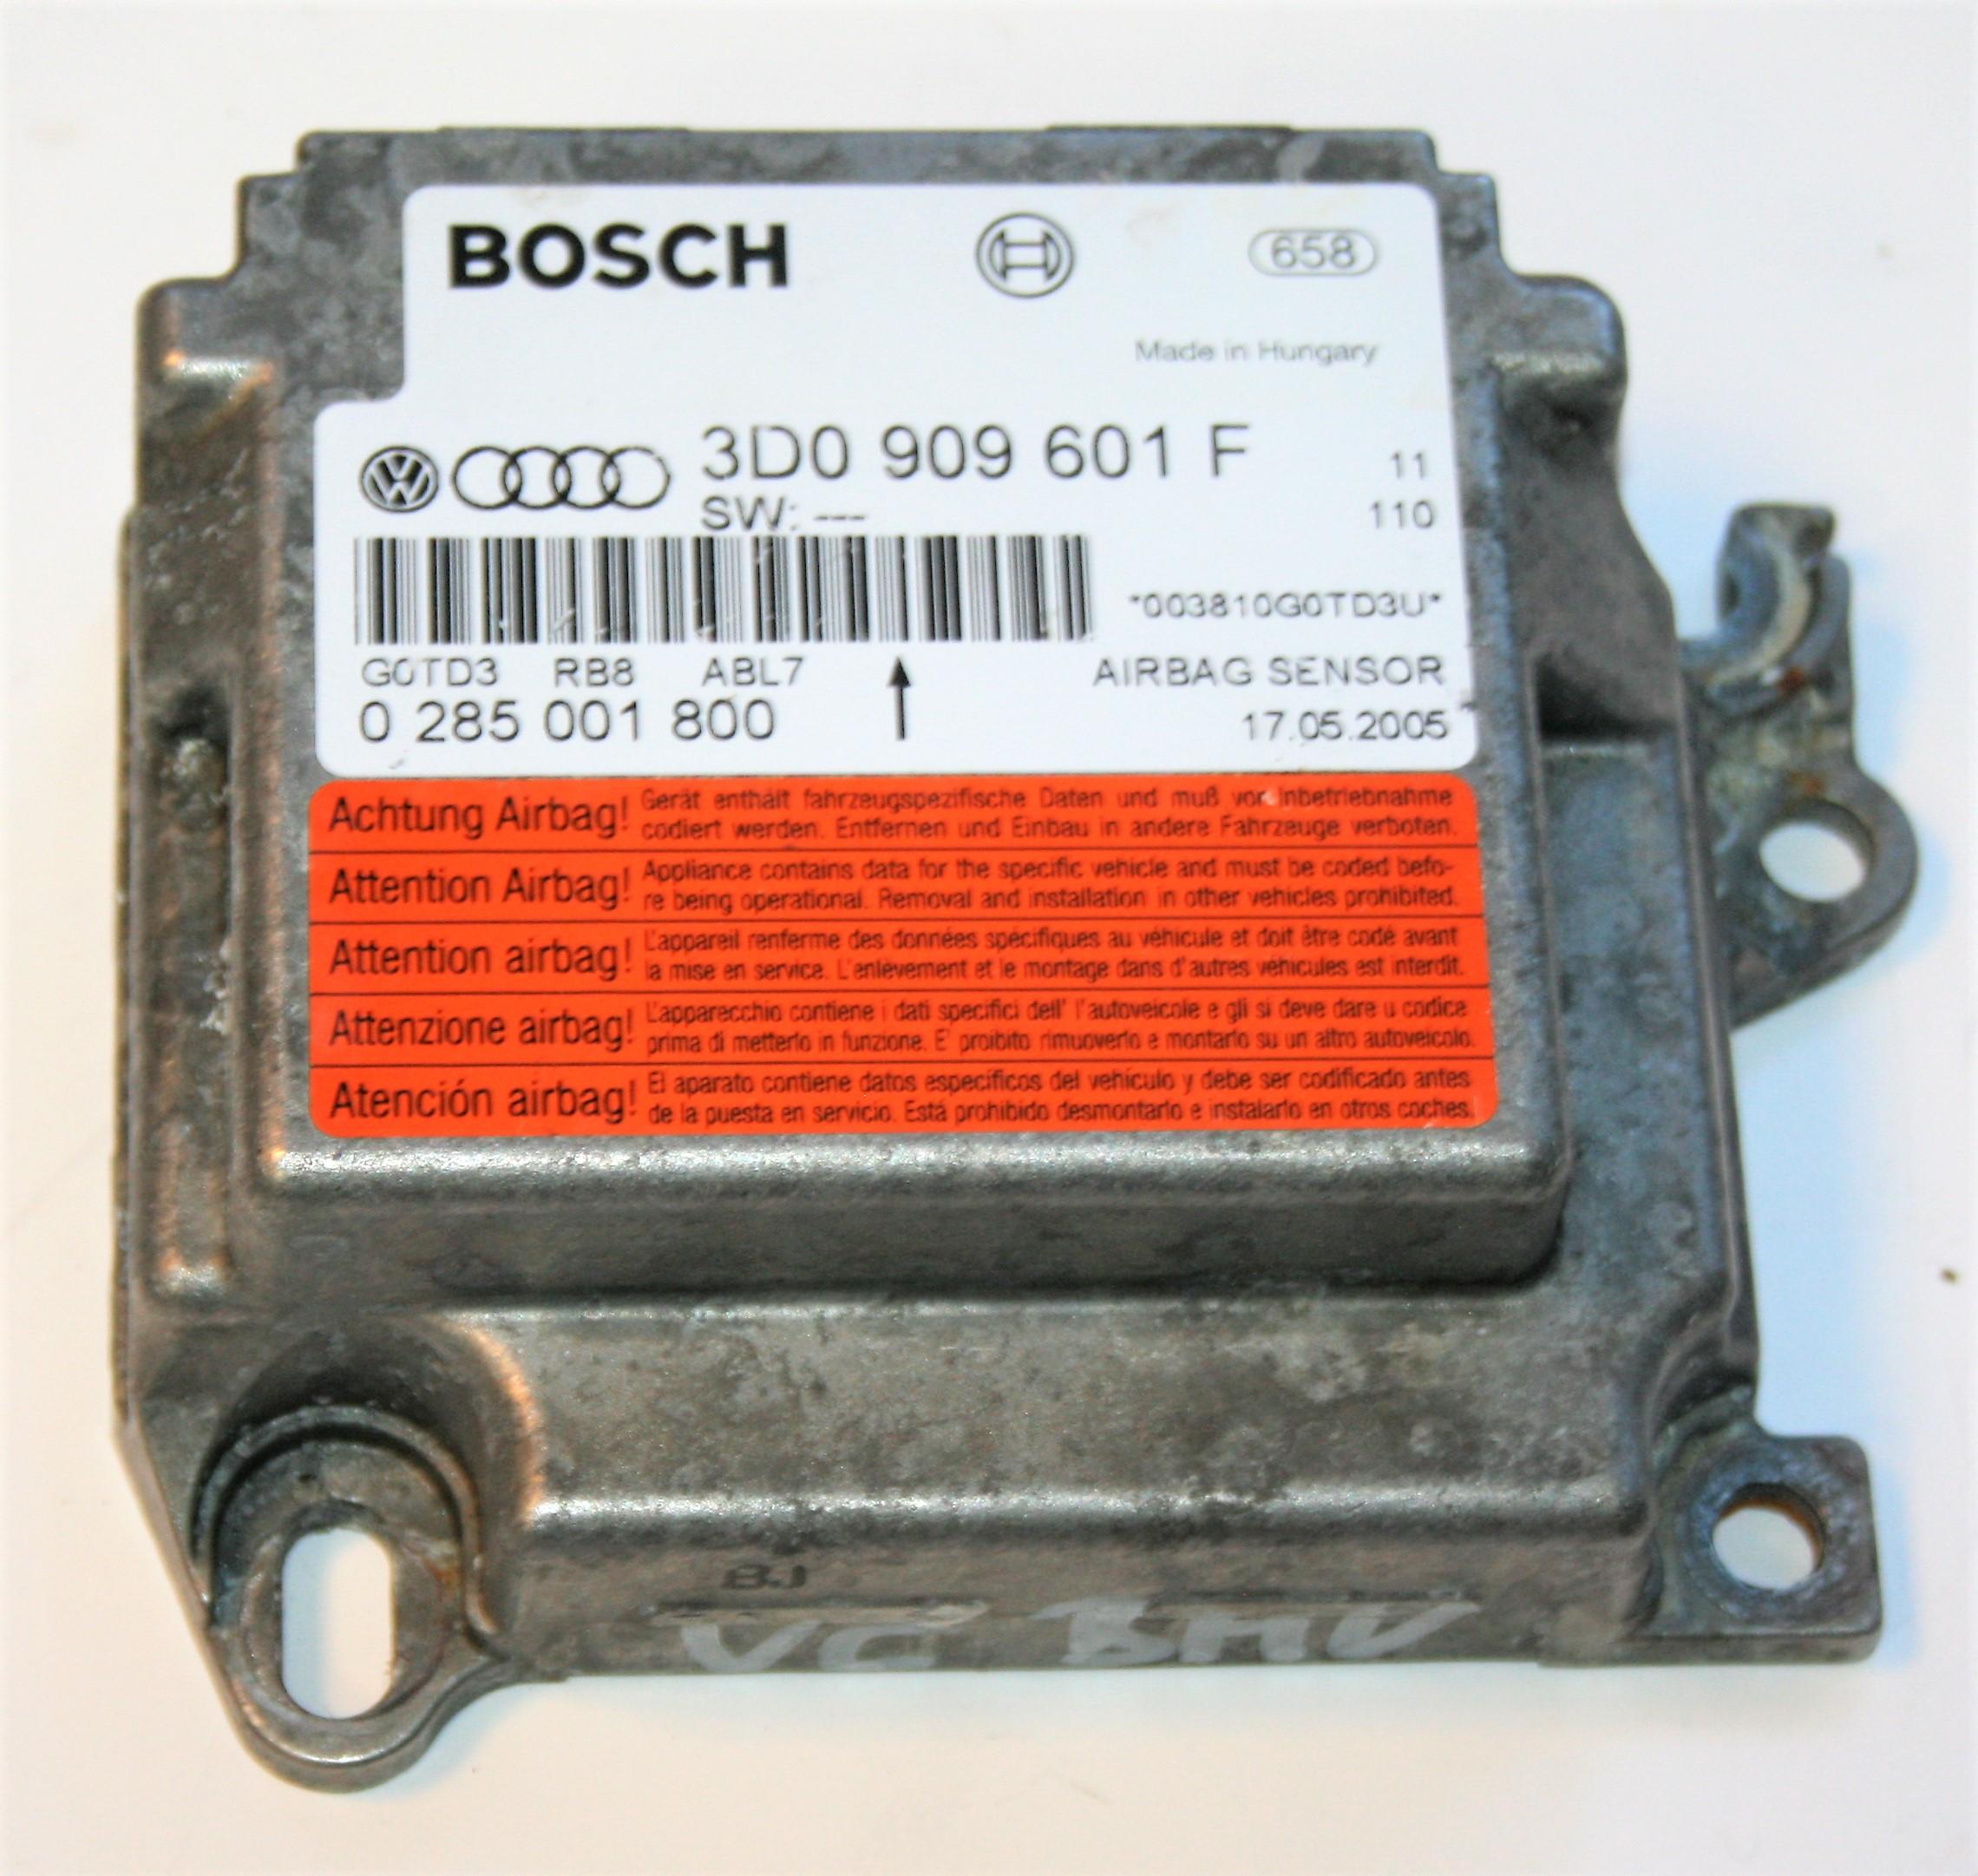 VW Touareg 2002 to 2007 Air Bag Crash Control Module ECU 3D0 909 601 F